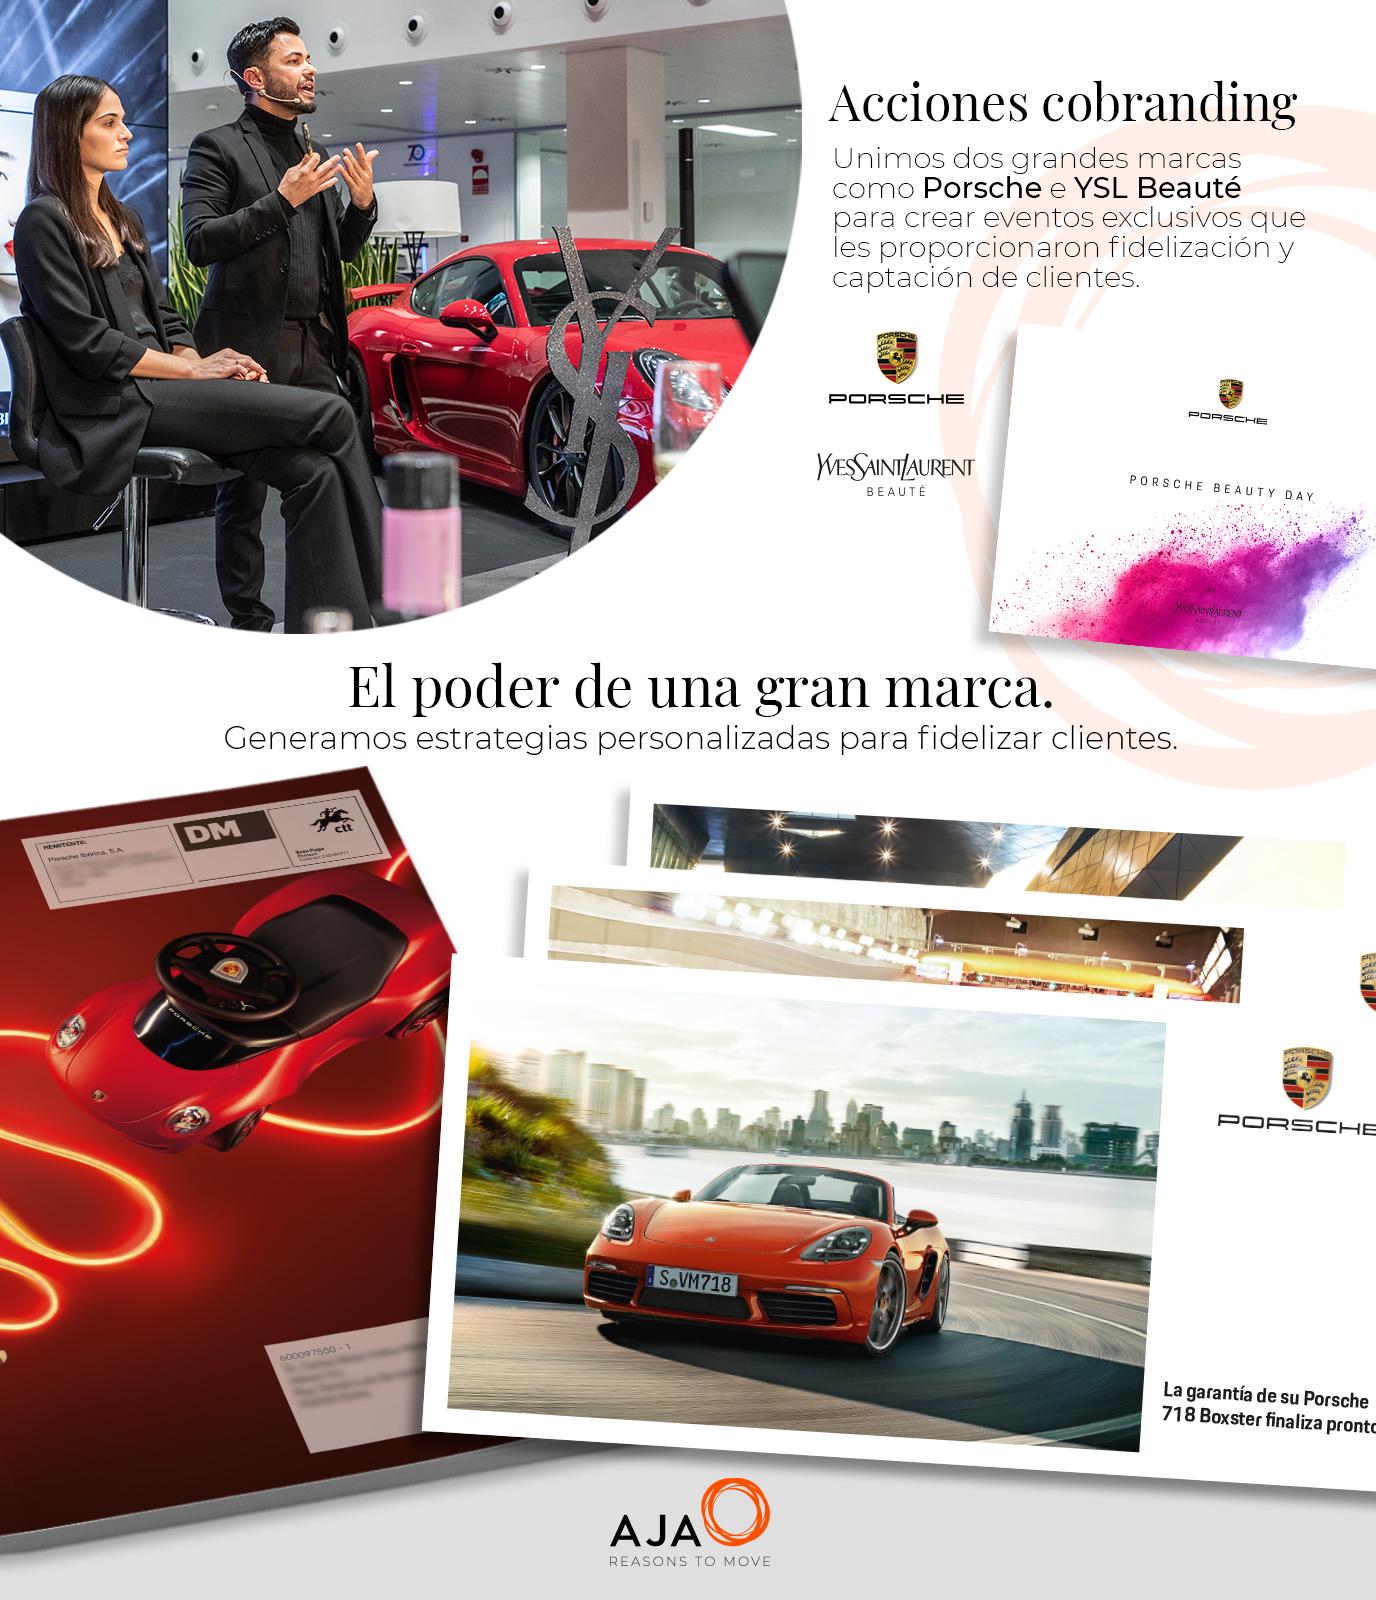 Porsche&YSL: acciones de cobranding